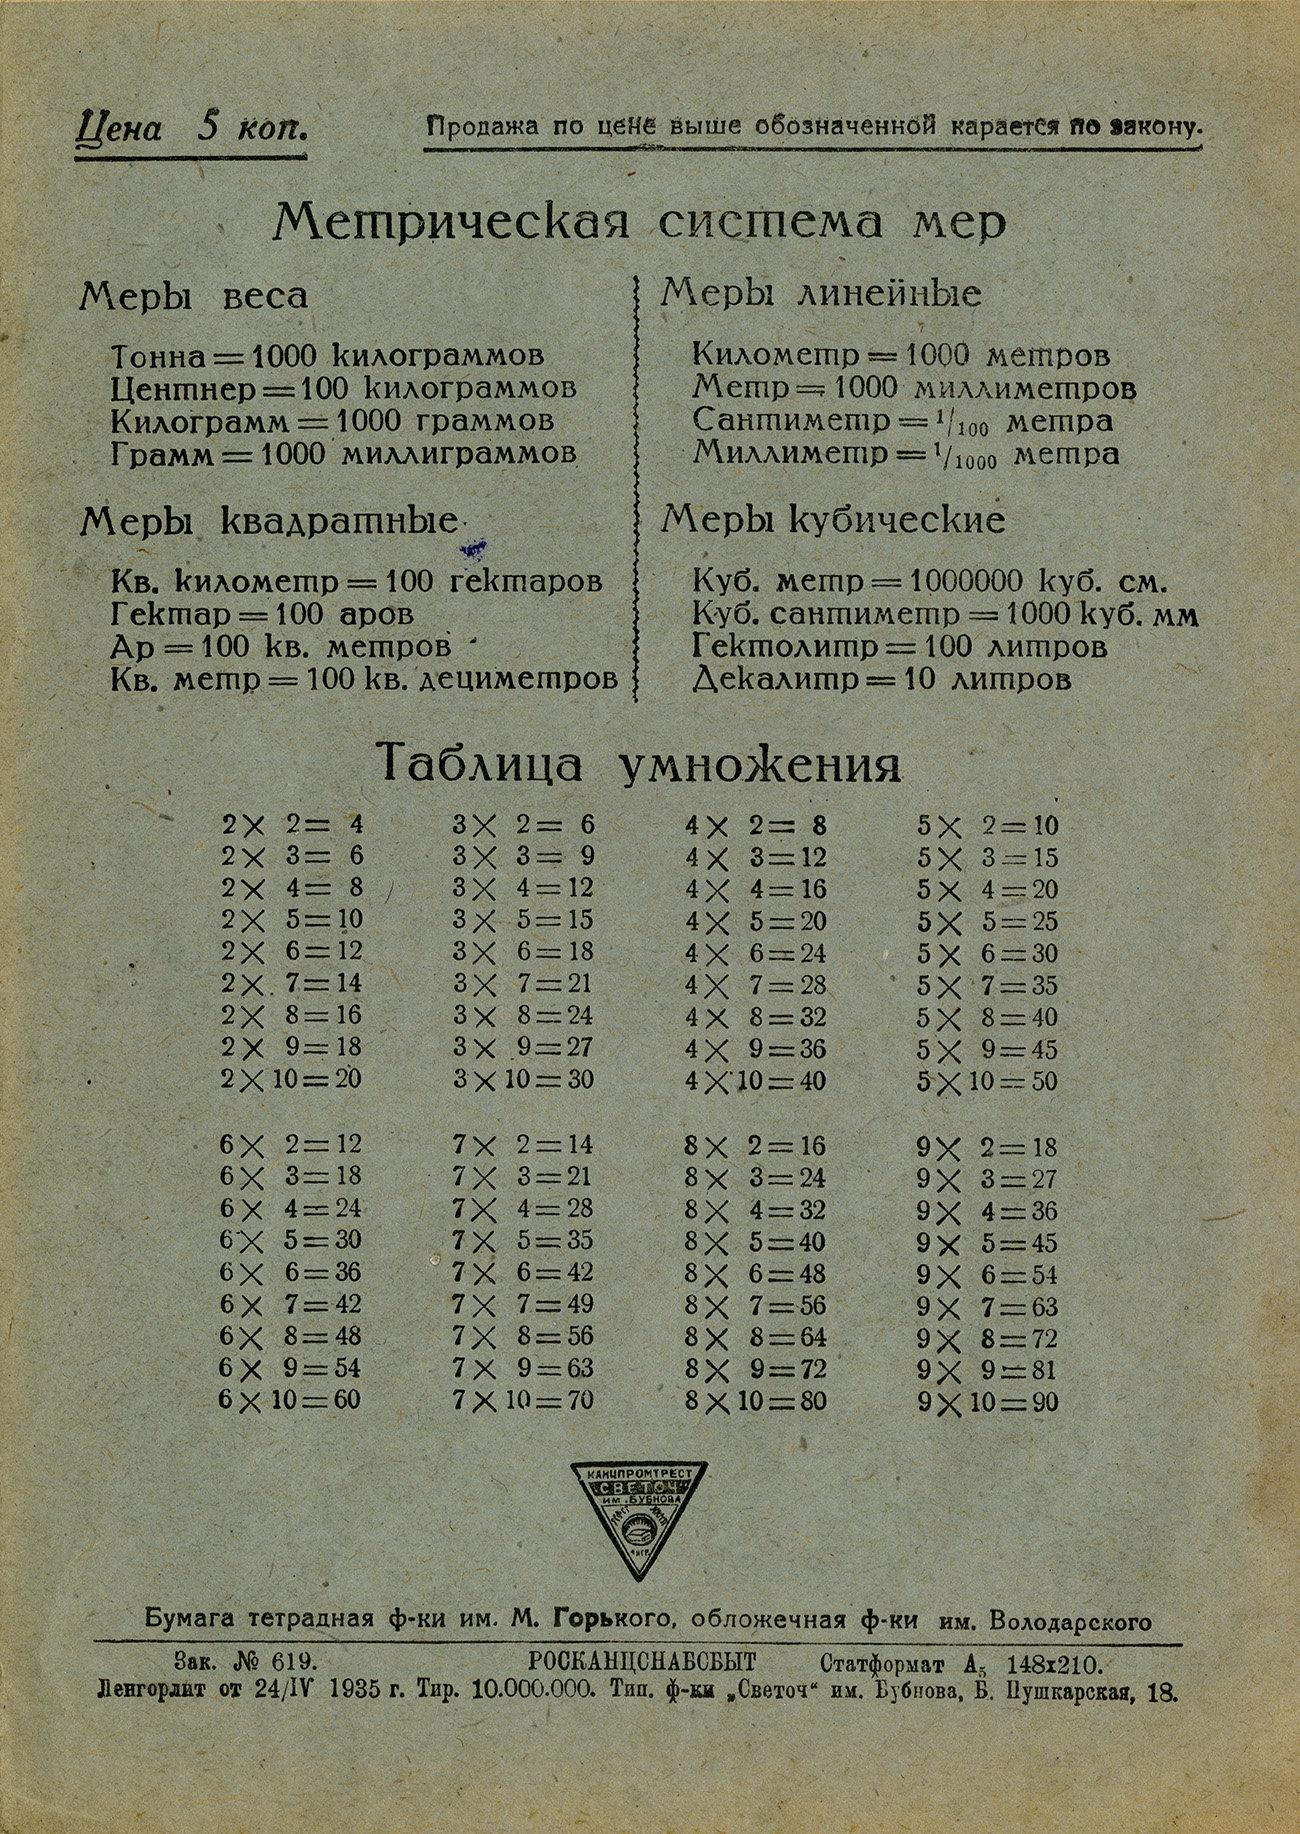 Тетрадь Ленин Сталин, 1935, оборот